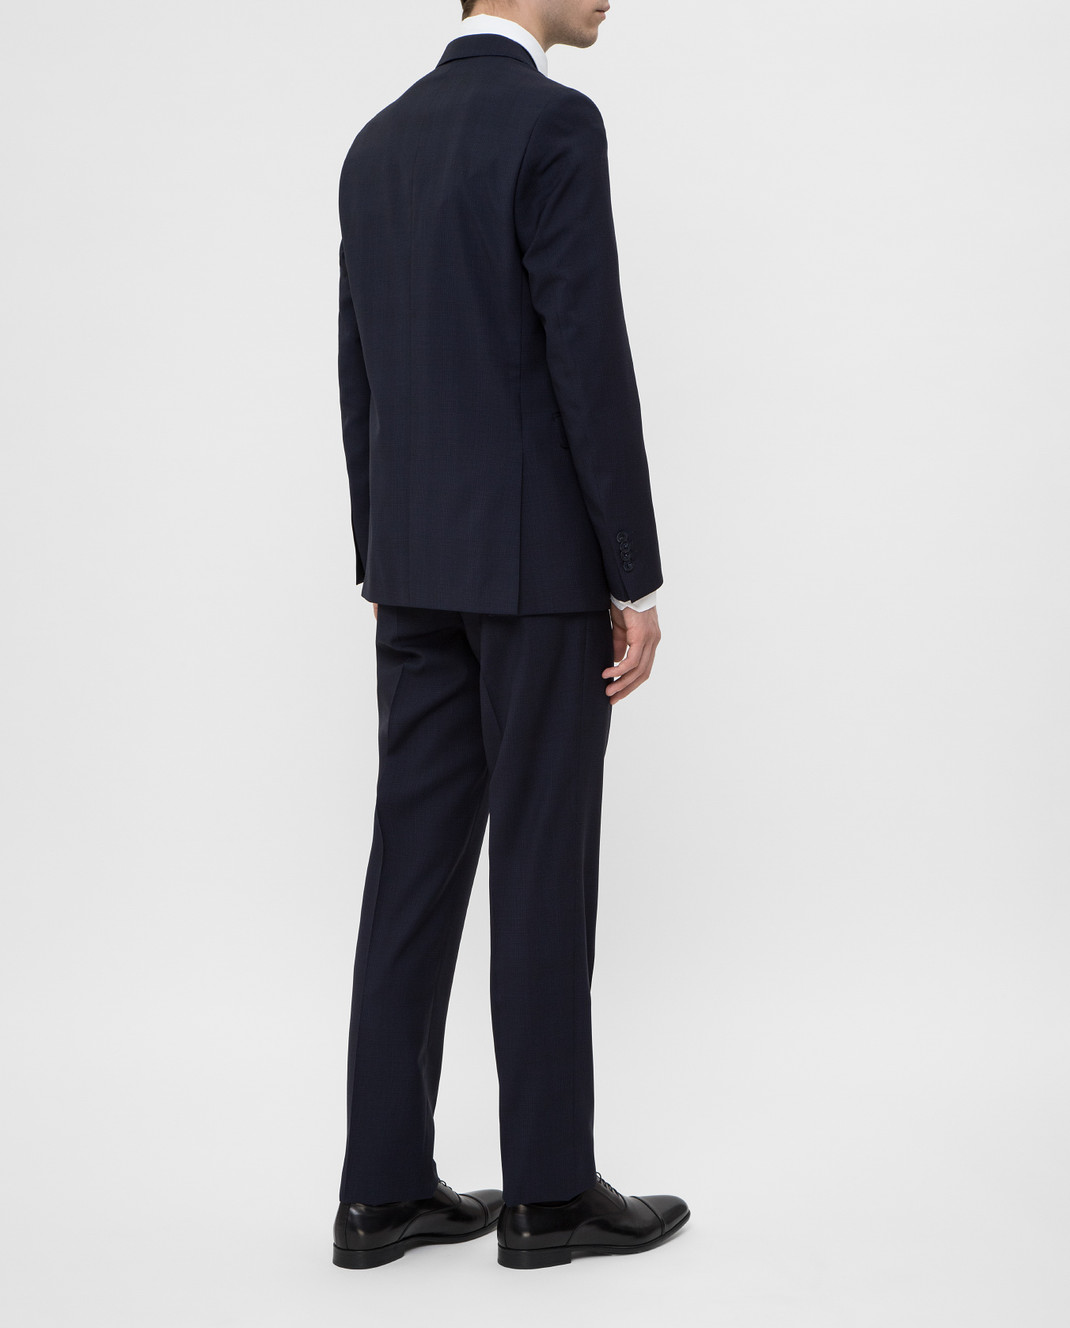 Florentino Темно-синий костюм из шерсти изображение 4